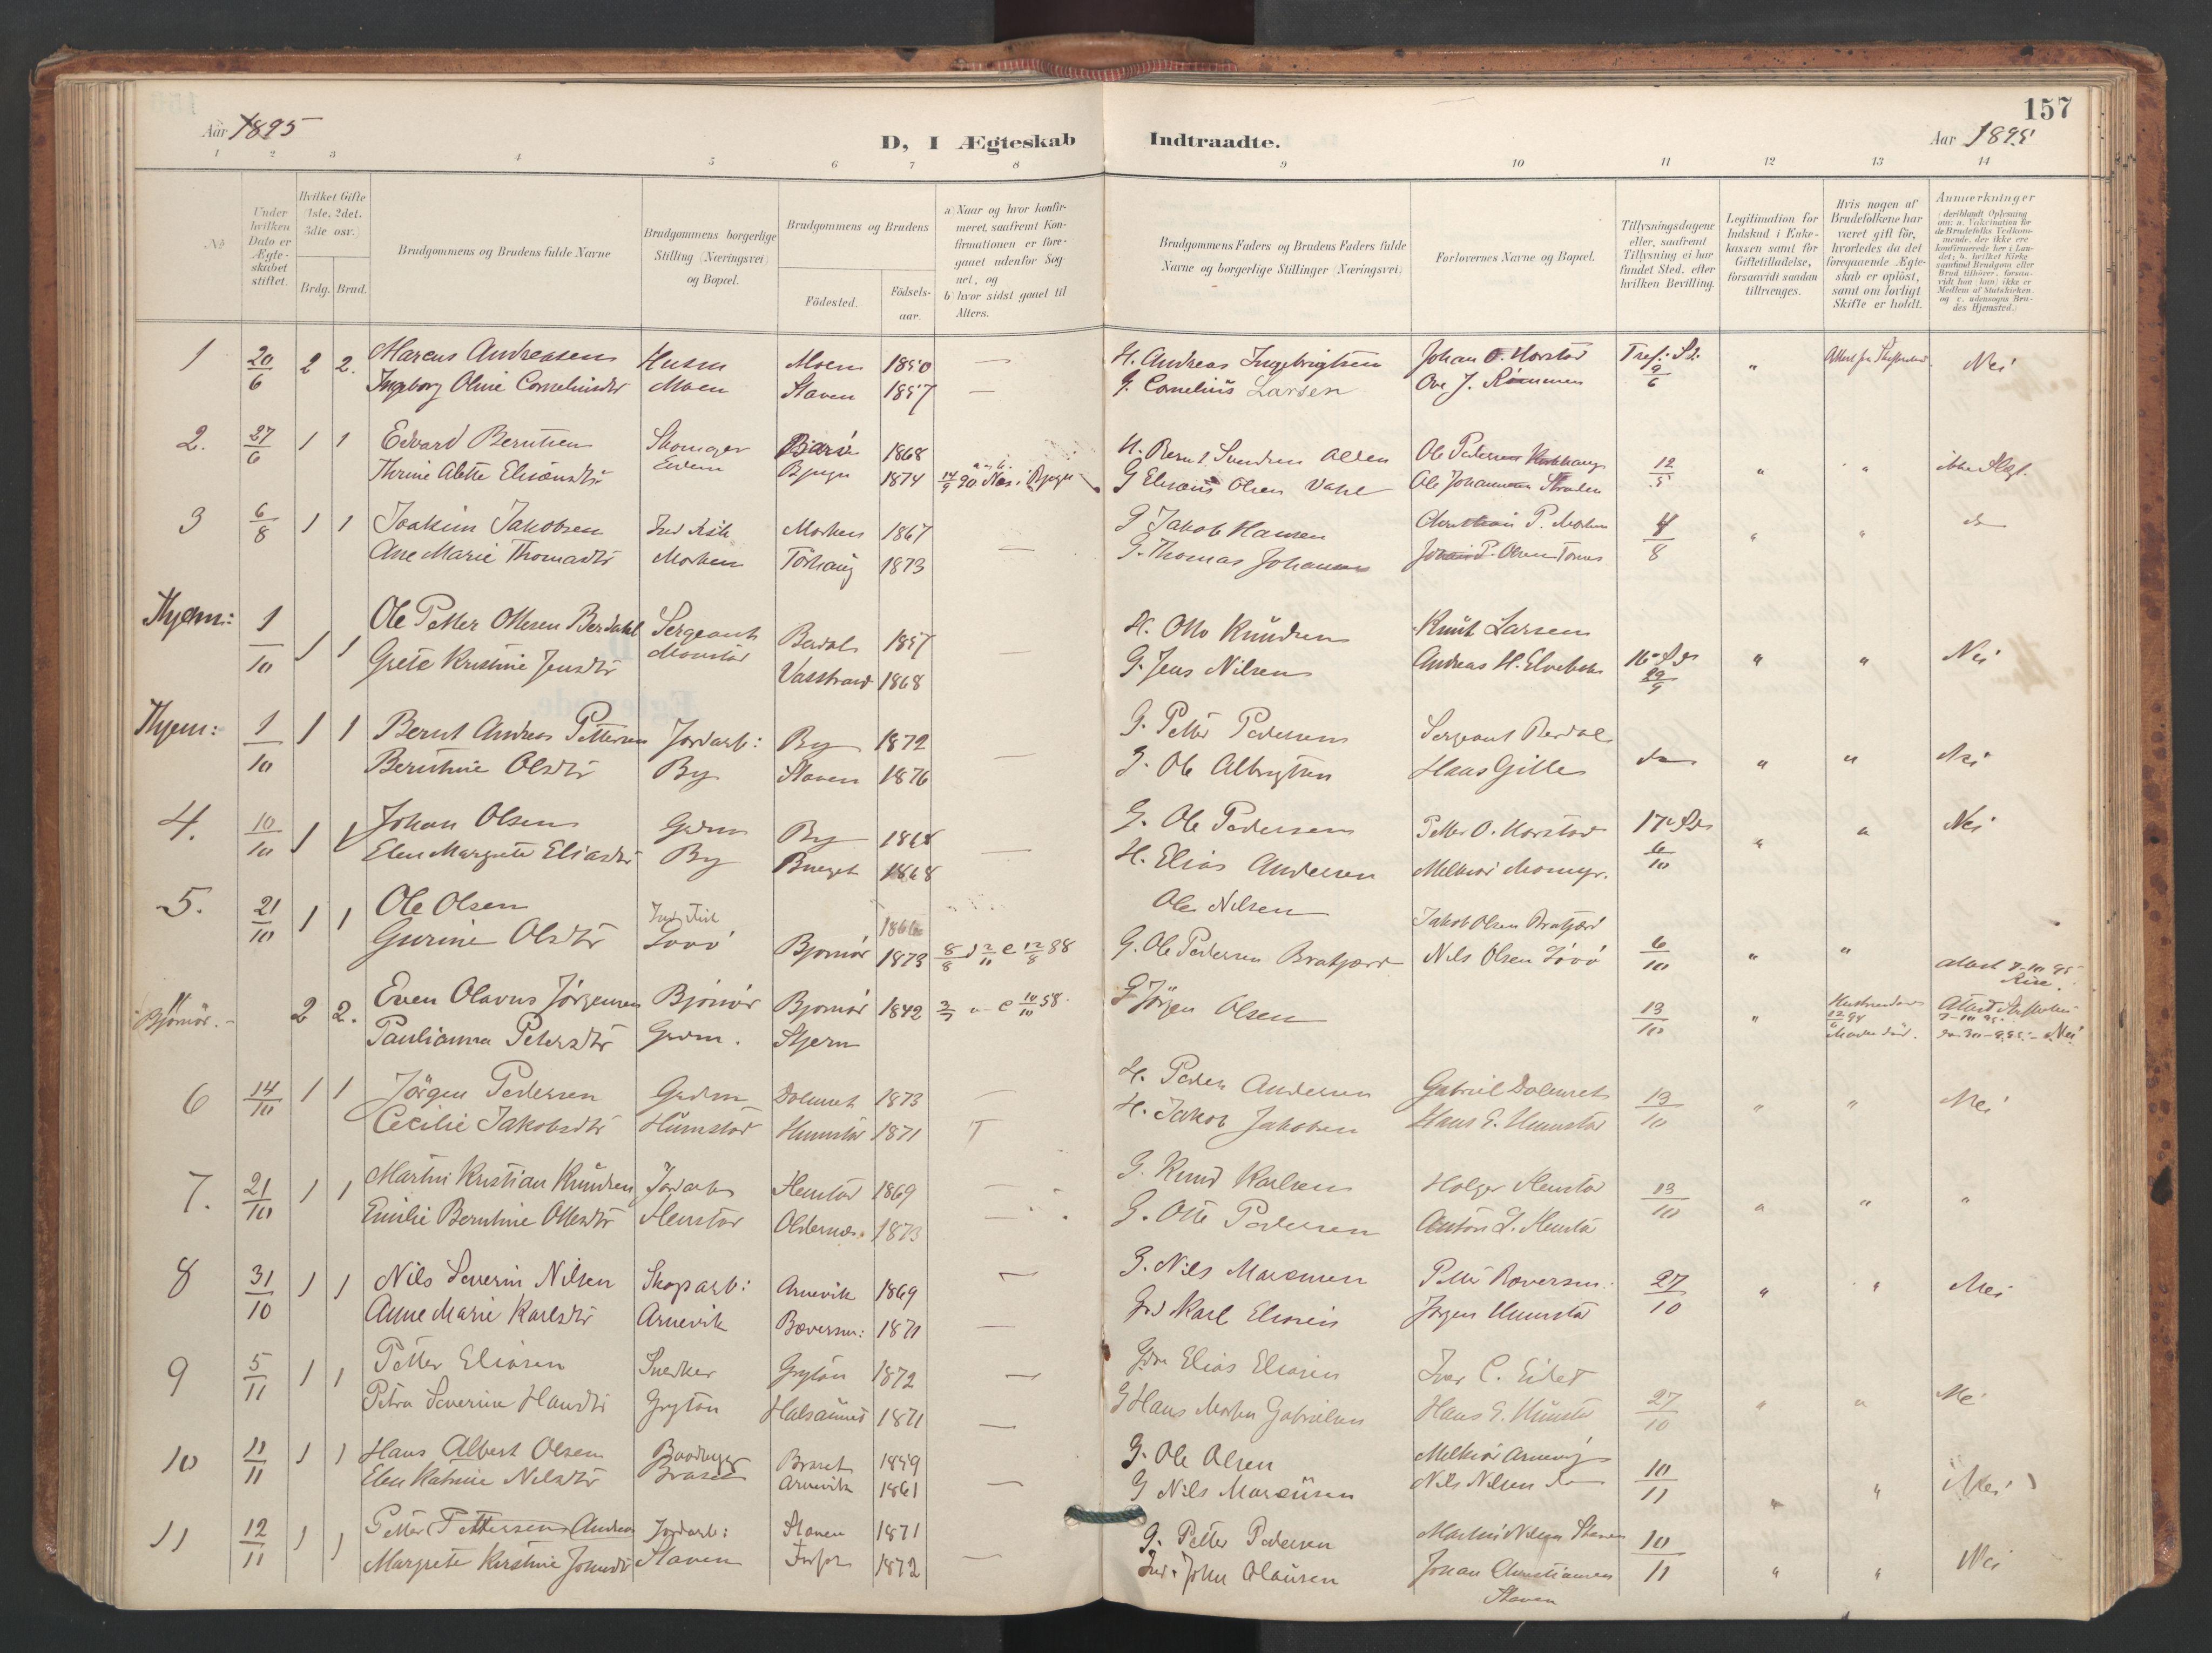 SAT, Ministerialprotokoller, klokkerbøker og fødselsregistre - Sør-Trøndelag, 655/L0681: Ministerialbok nr. 655A10, 1895-1907, s. 157